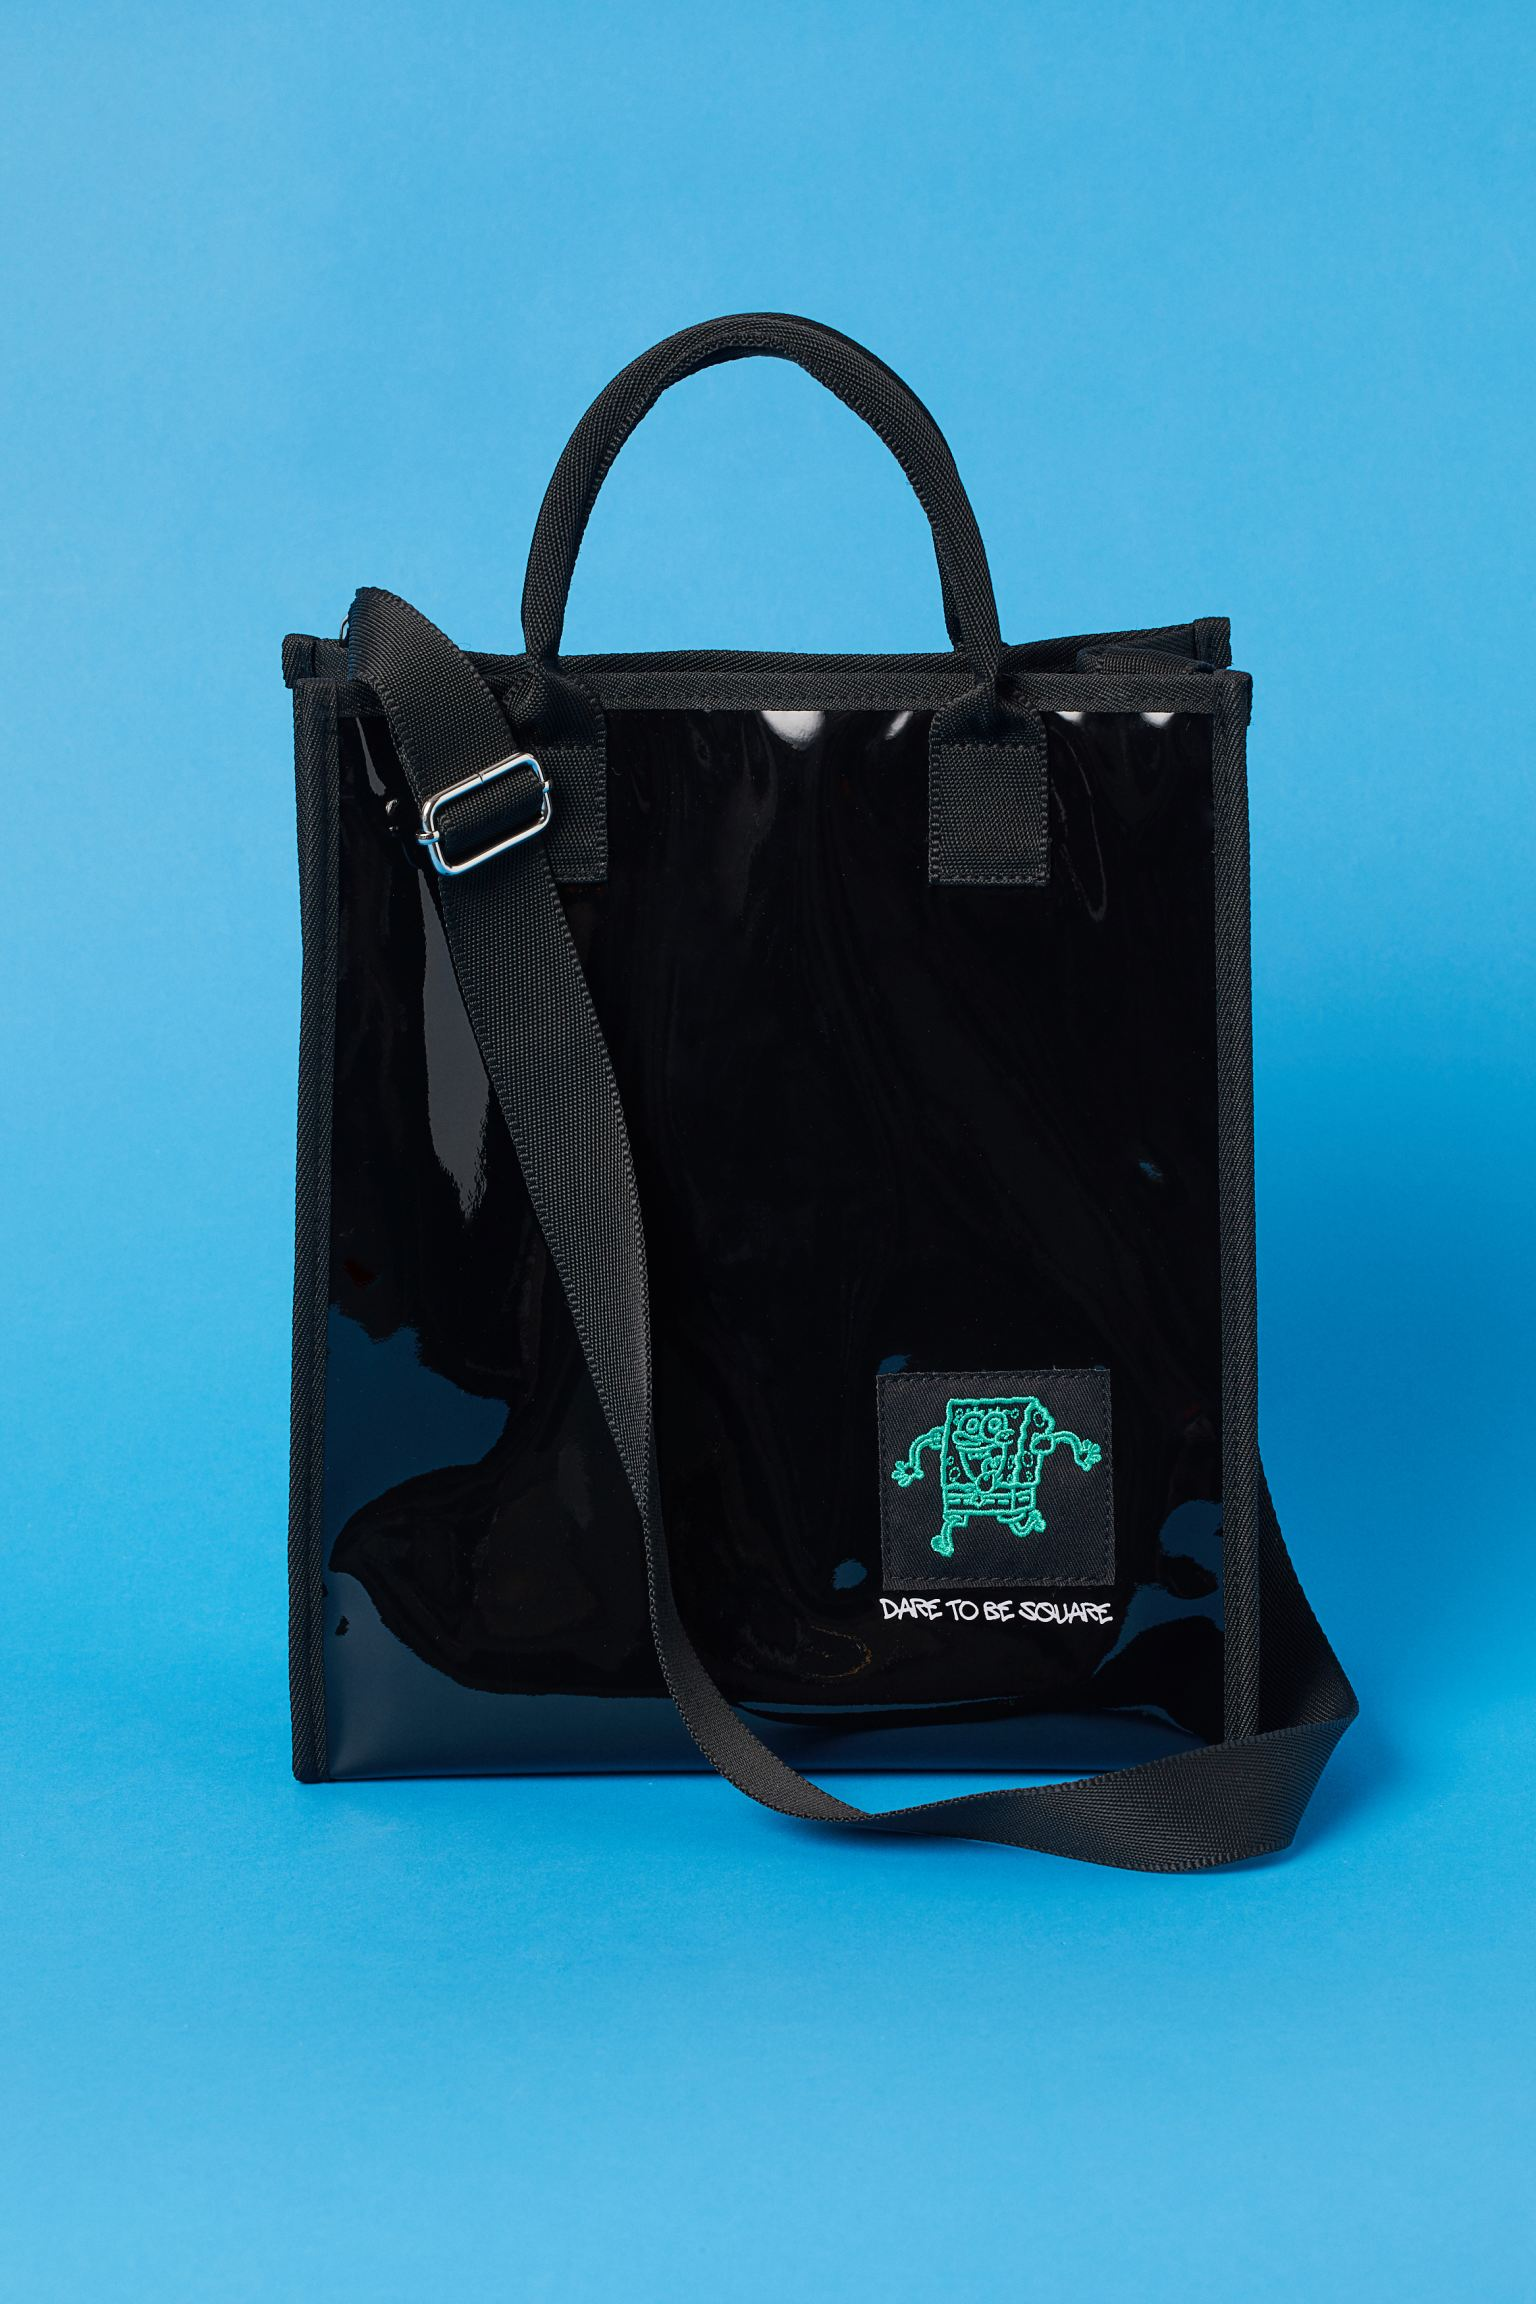 Bolsa shopper en plástico de charol con ribetes y asas revestidos de tela, aplicación delante y correa ancha. Alto 30 cm. Largo 26 cm. Ancho 11 cm.